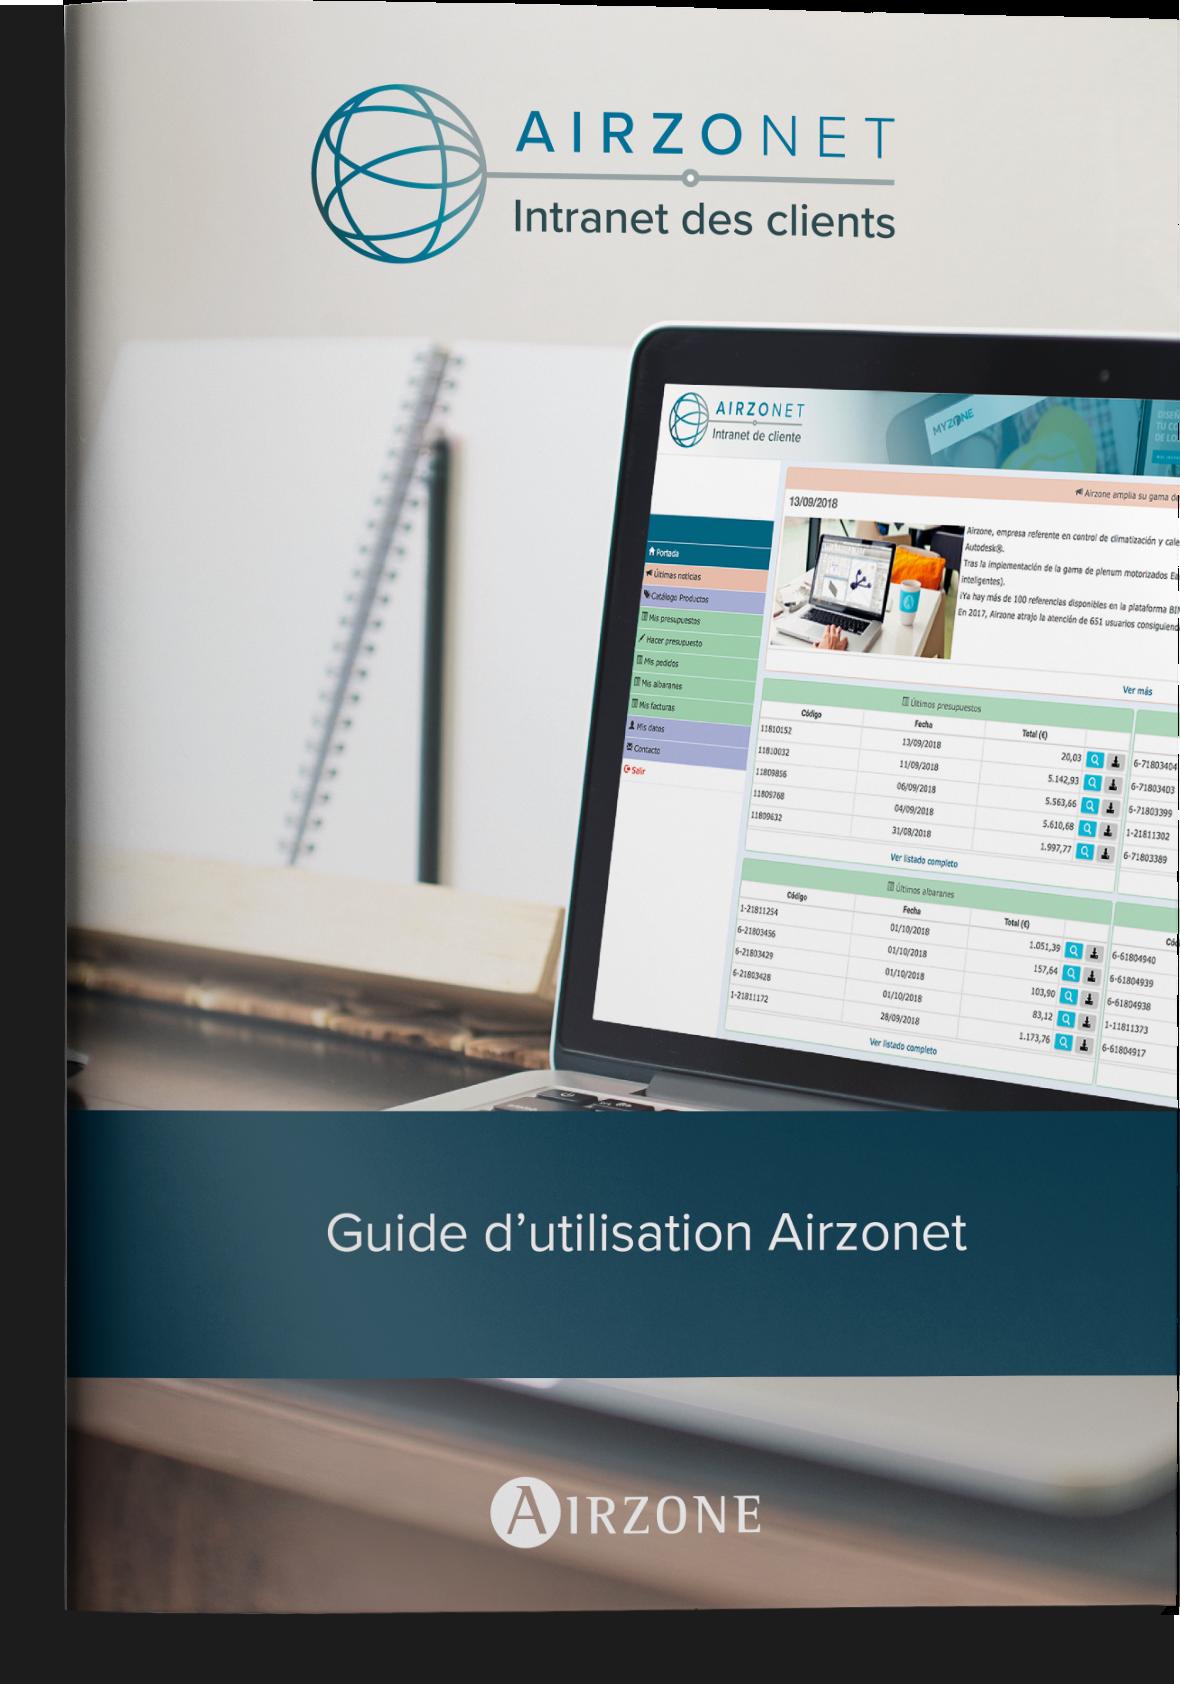 Guide utilisation Airzonet